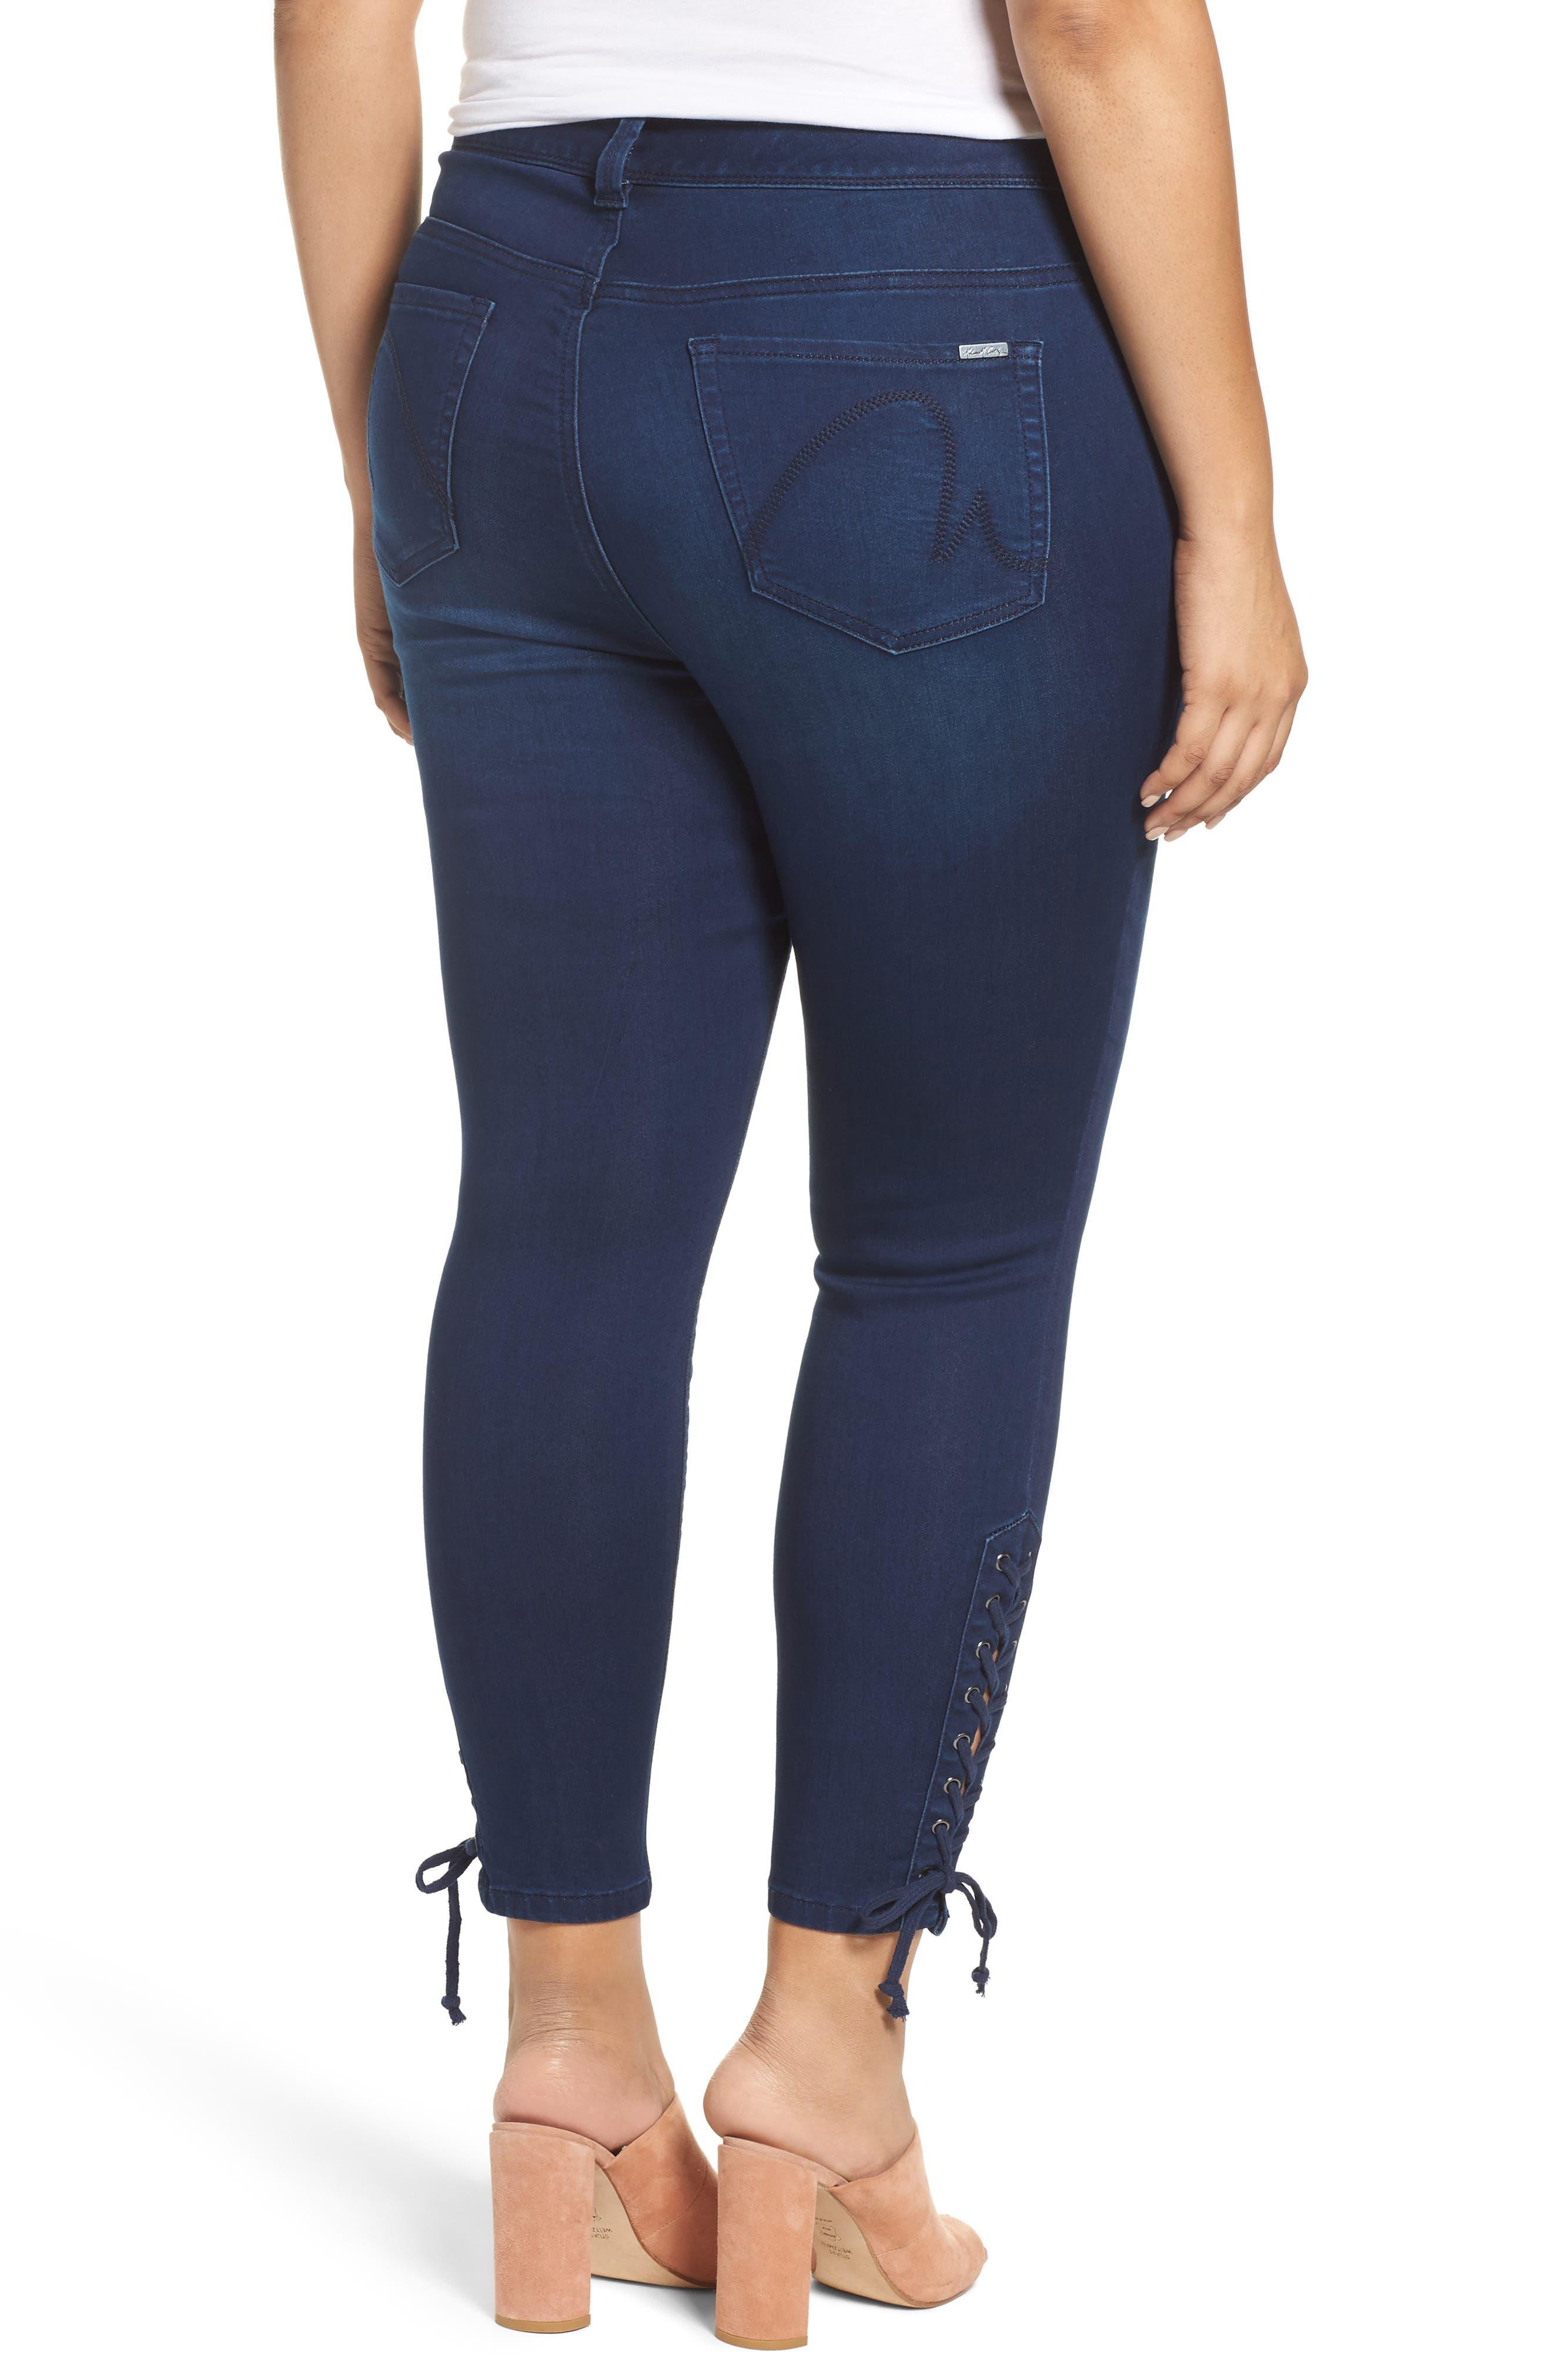 MELISSA MCCARTHY SEVEN7,                             Lace-Up Pencil Leg Jeans,                             Alternate thumbnail 2, color,                             405